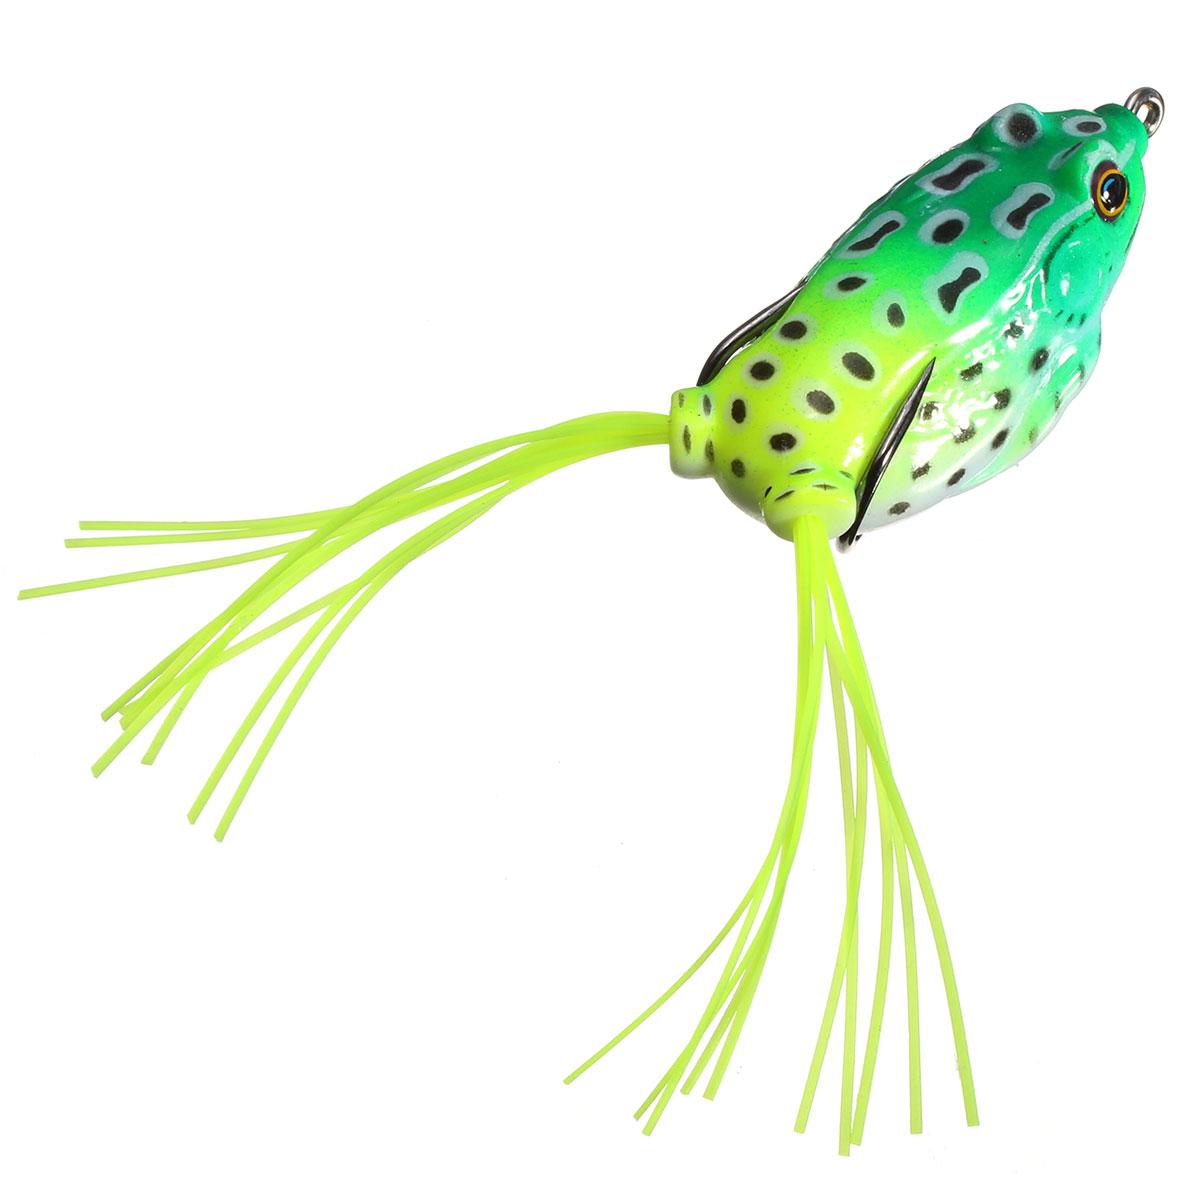 Рыбалка приманки мягкие приманки лягушка лягушка полого тела мягкой приманки рыболовные снасти